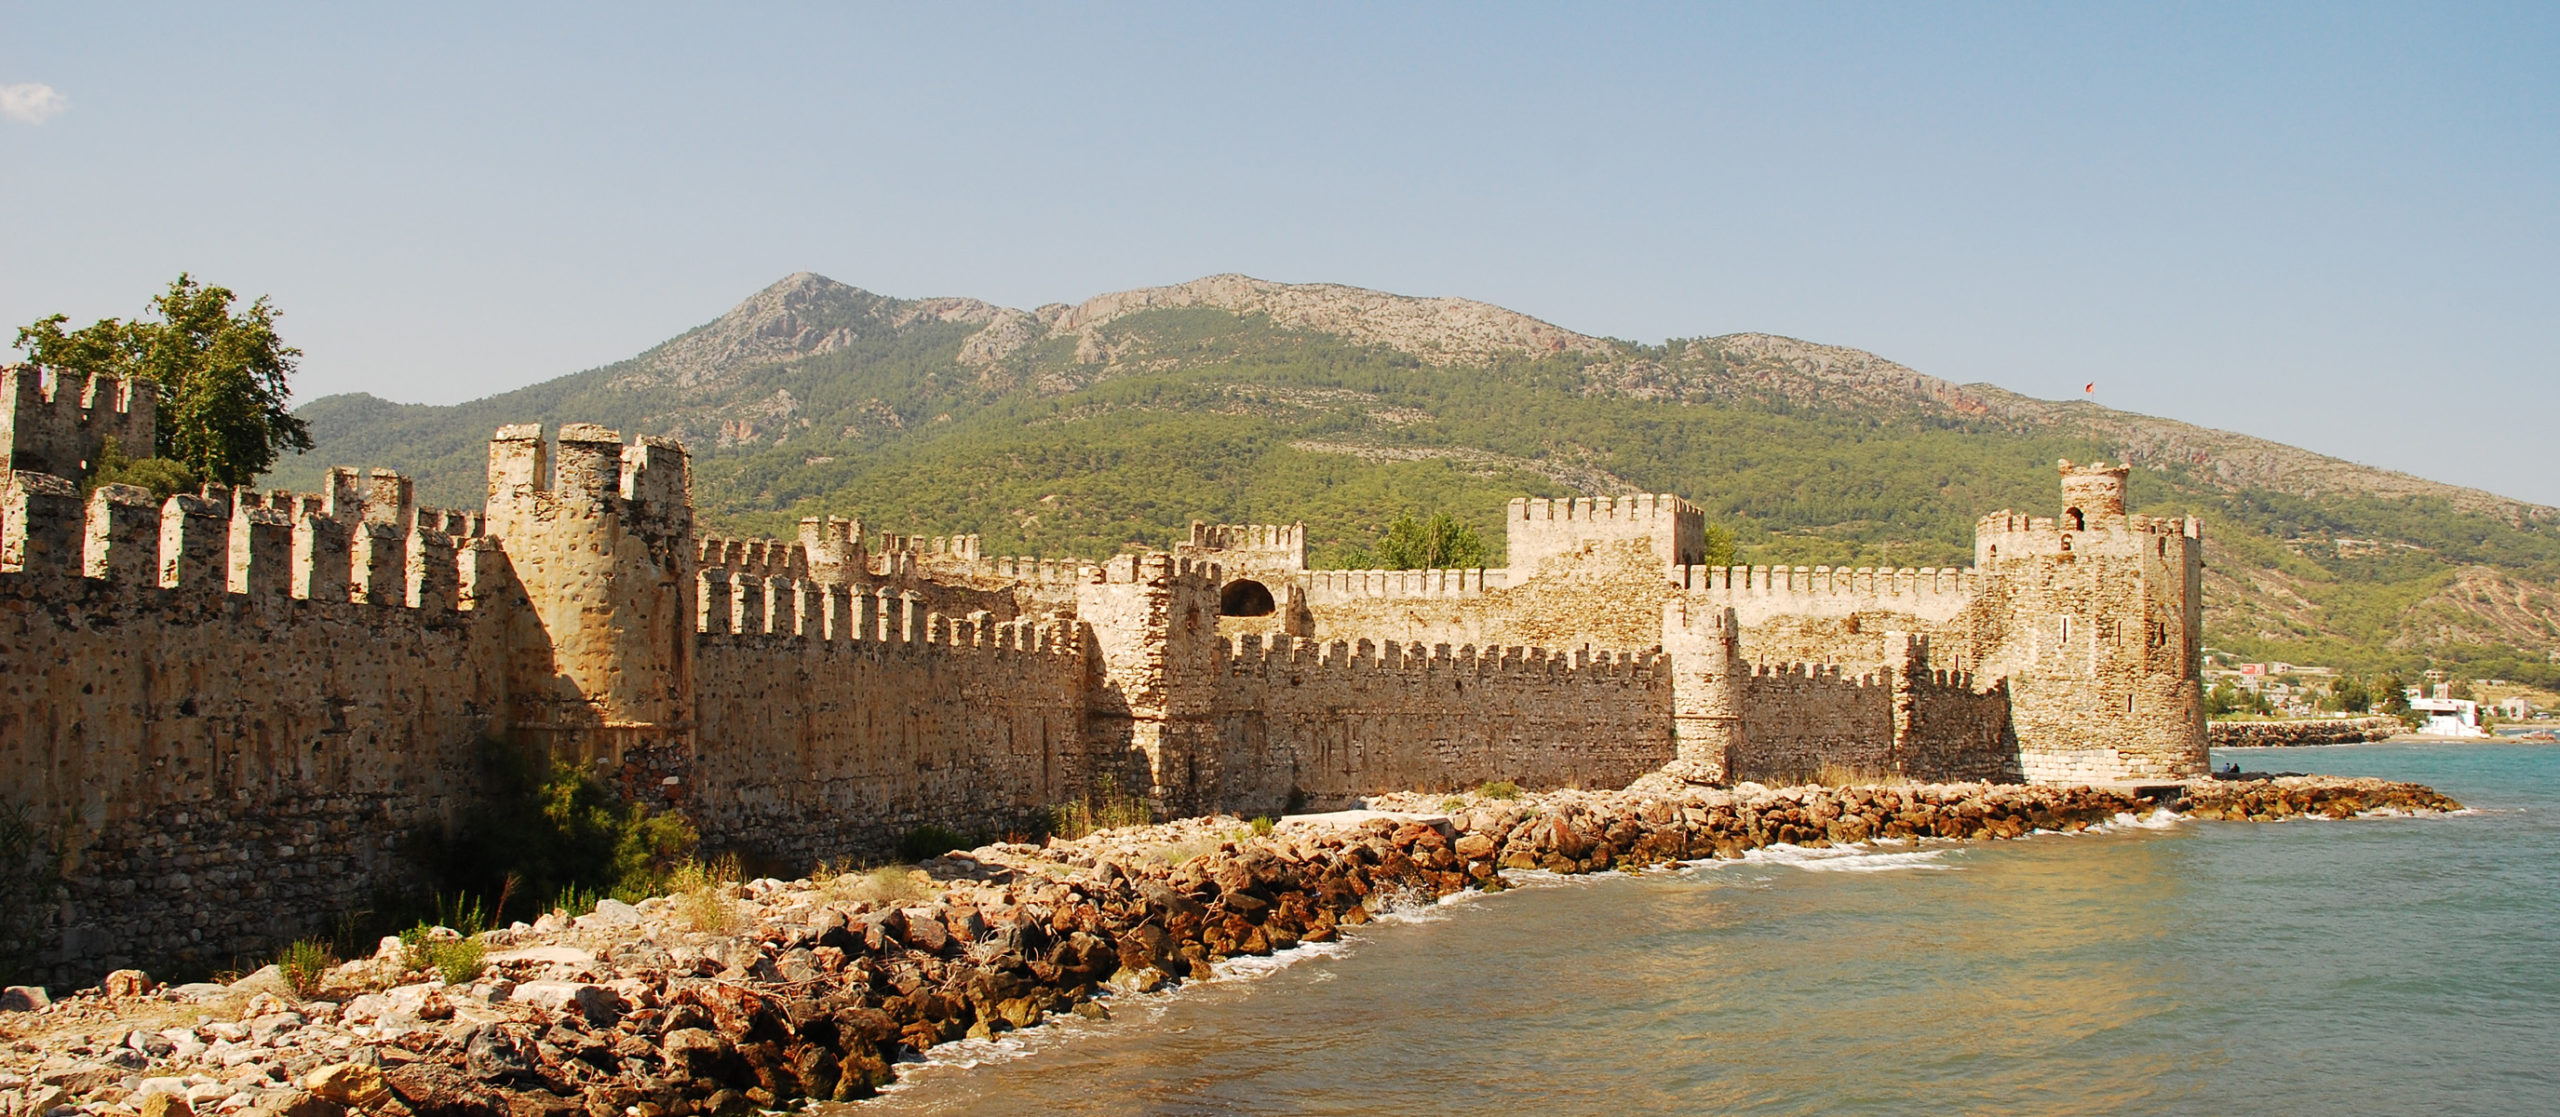 Килькийское море на Кипре